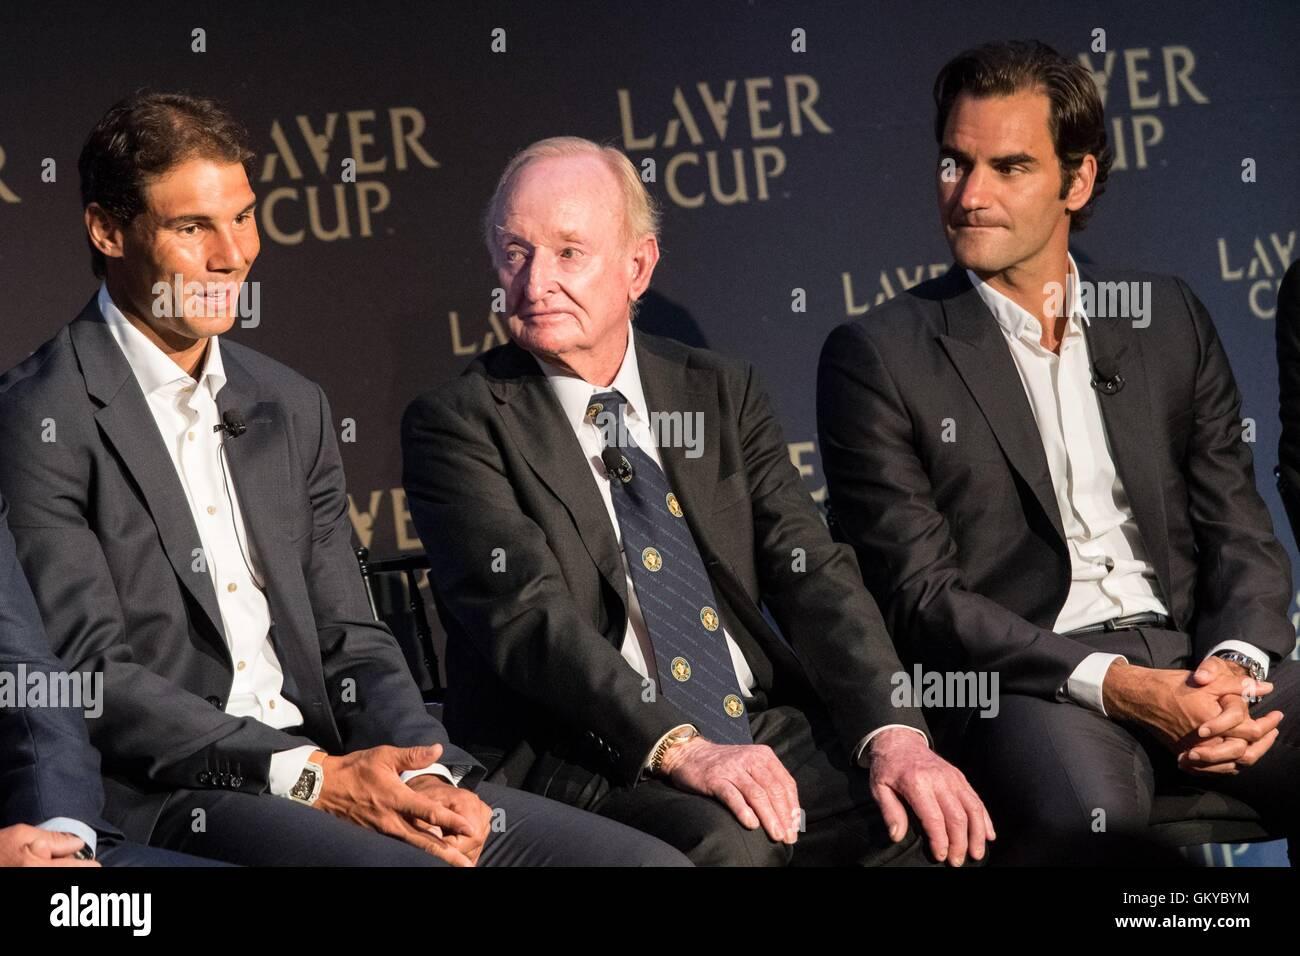 Nueva York, NY, EUA. 24 Aug, 2016. Rafael Nadal, Roger Federer, lavar la varilla en la conferencia de prensa de Imagen De Stock